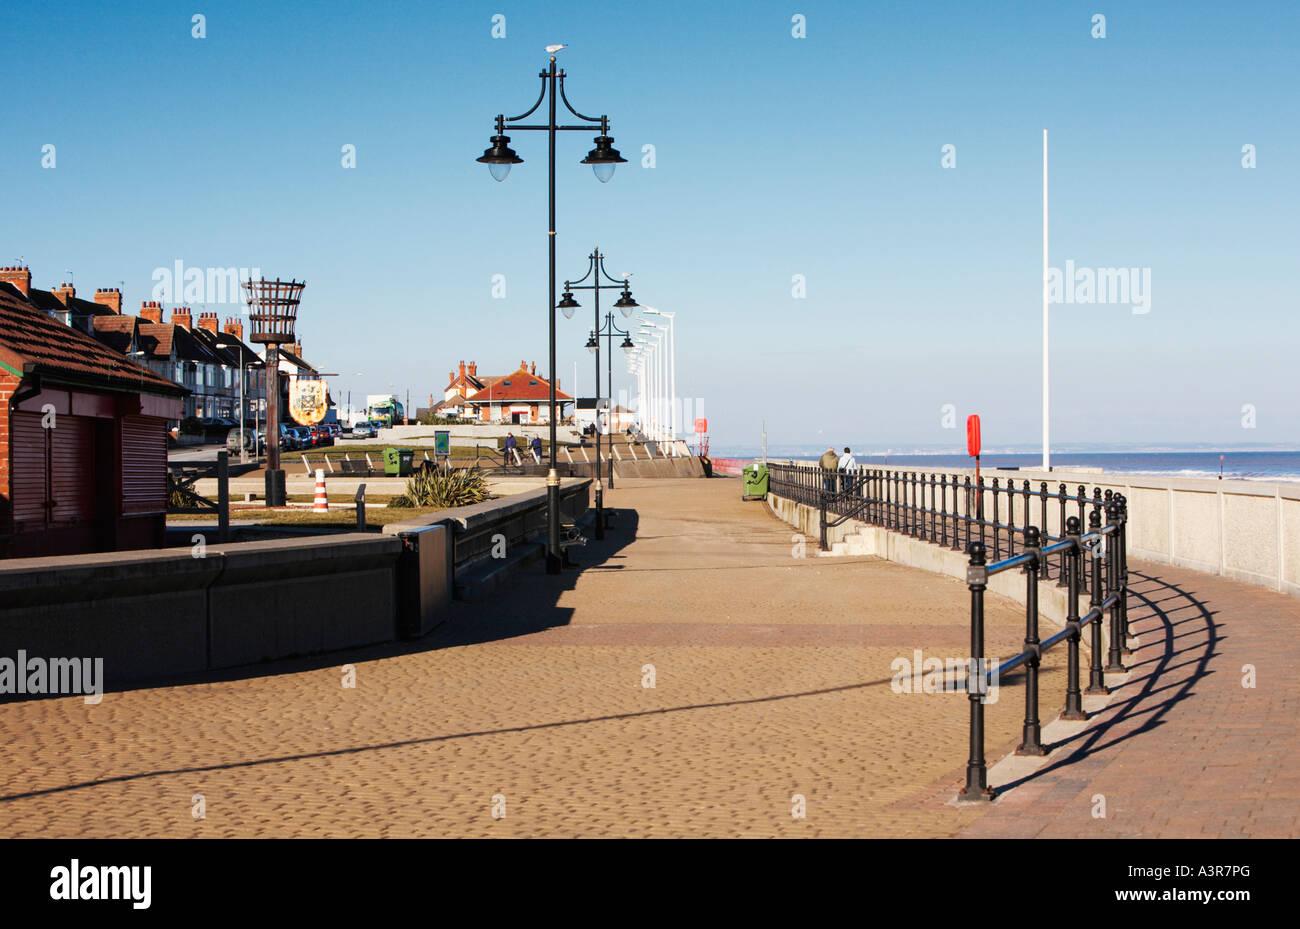 Hornsea - Bing images Hornsea